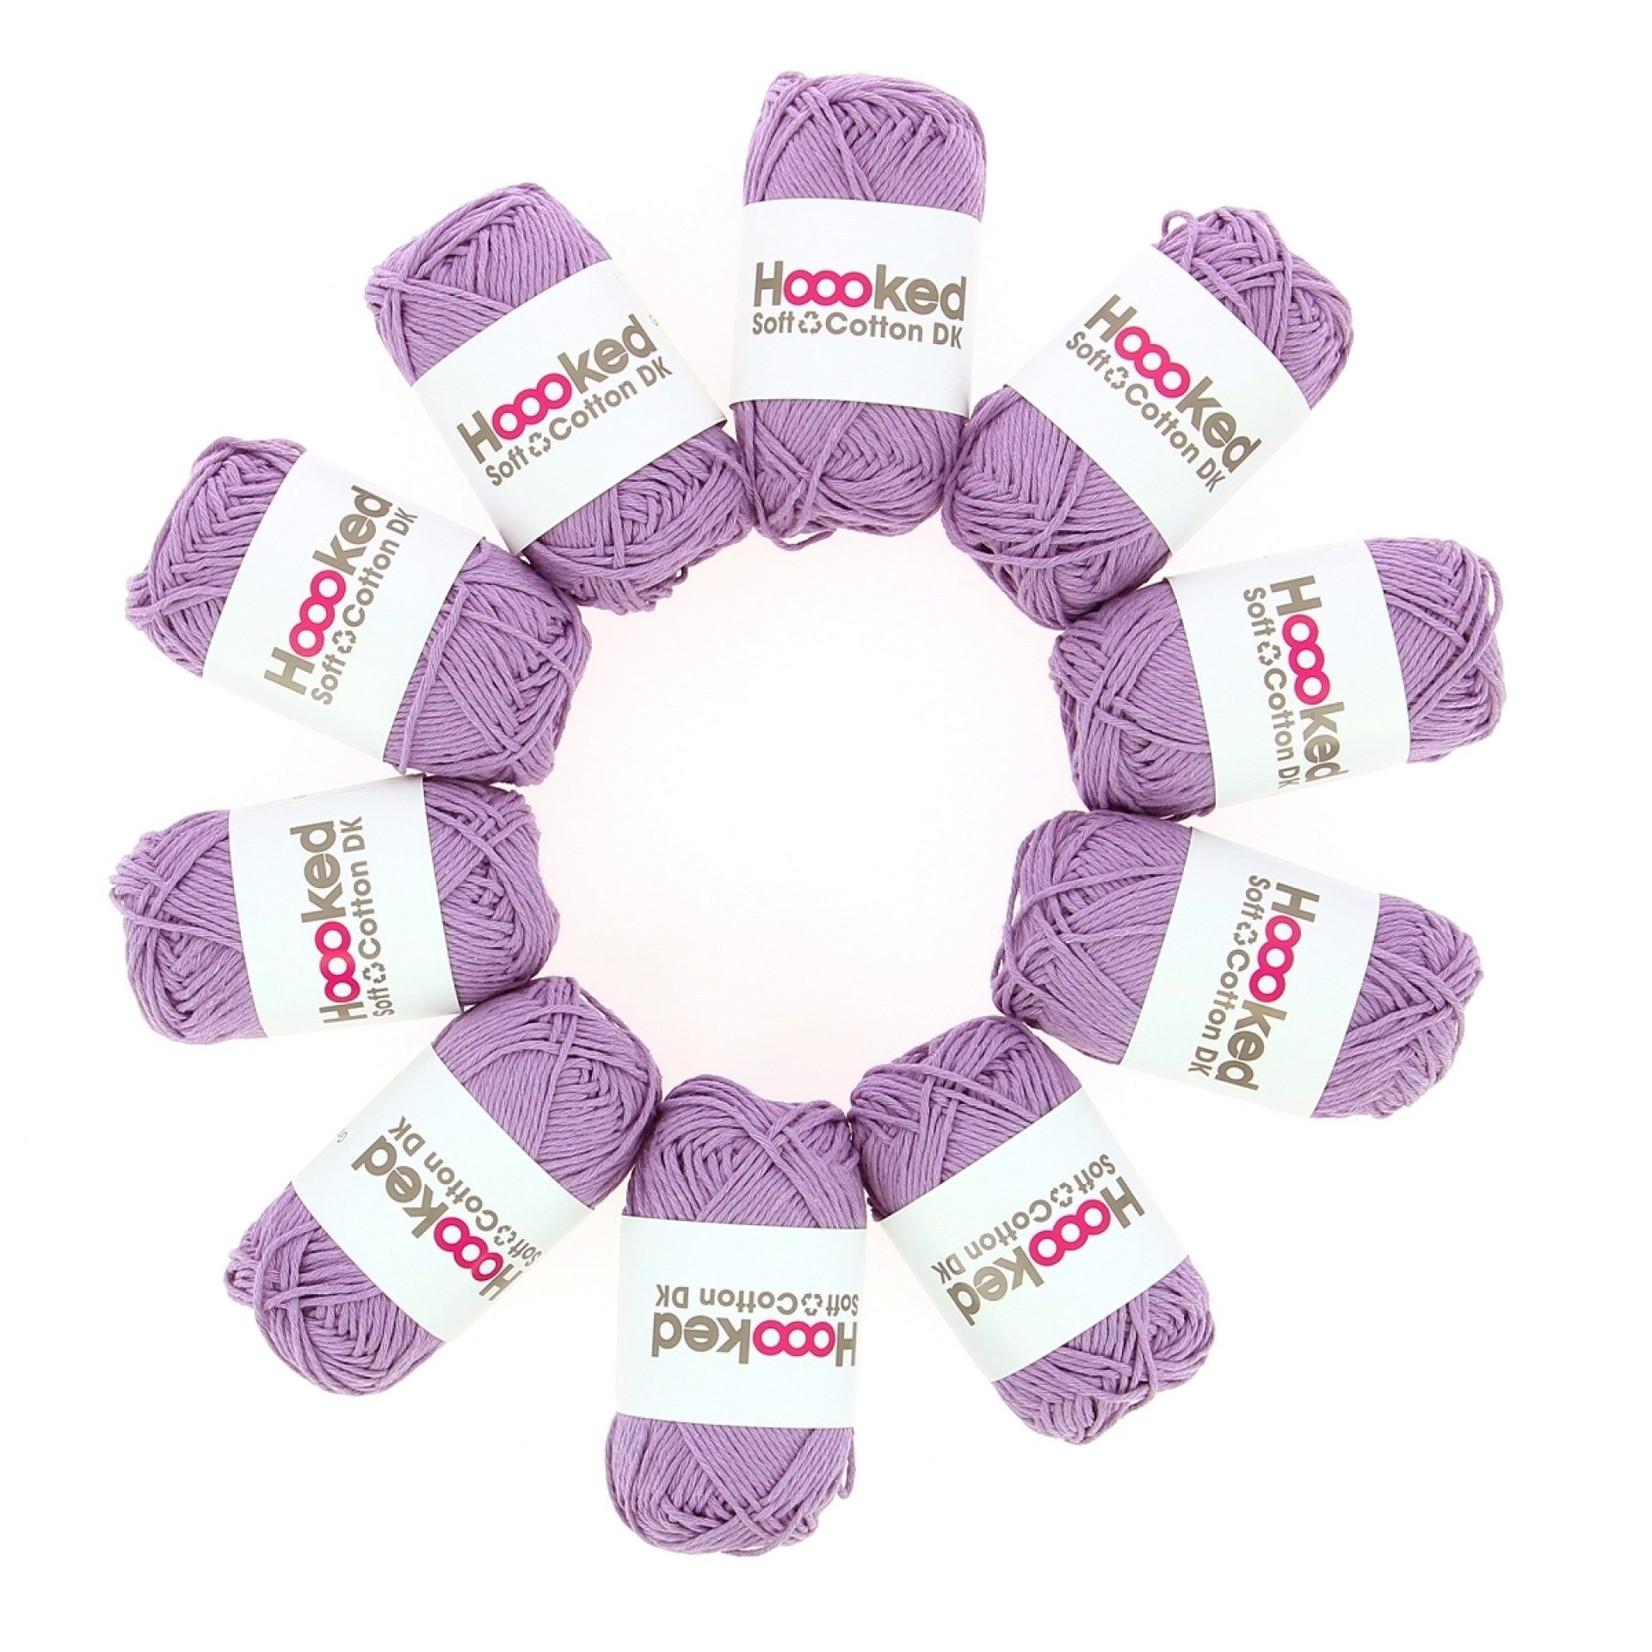 Hoooked Hoooked Soft Cotton DK Granada Lavender bundel 5 x 50 gr. / 85 m.